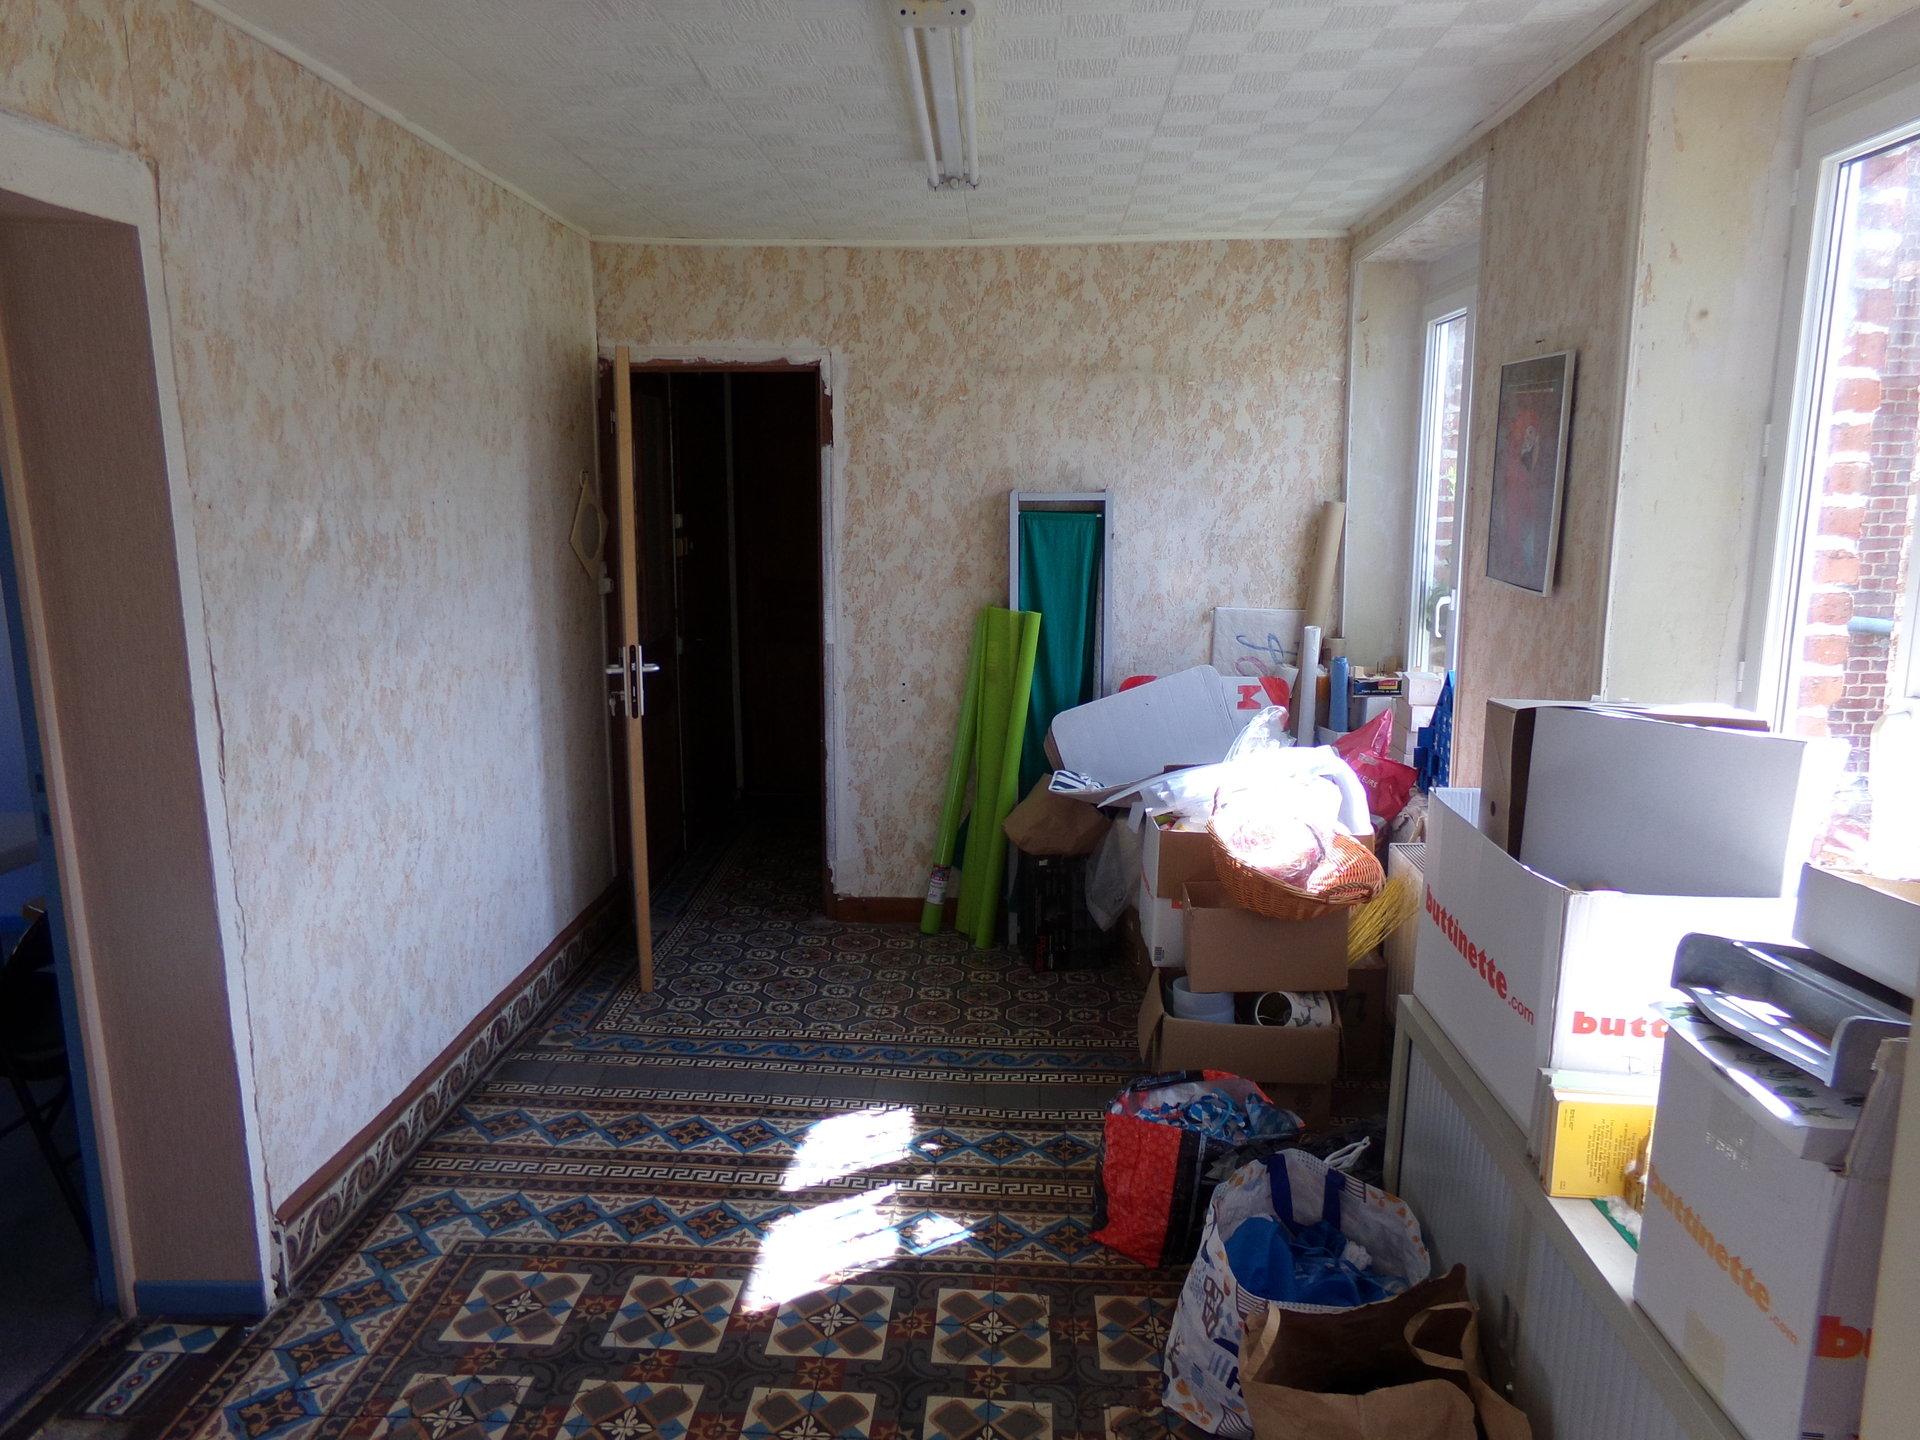 Maison Semi-Individuelle - FELLERIES